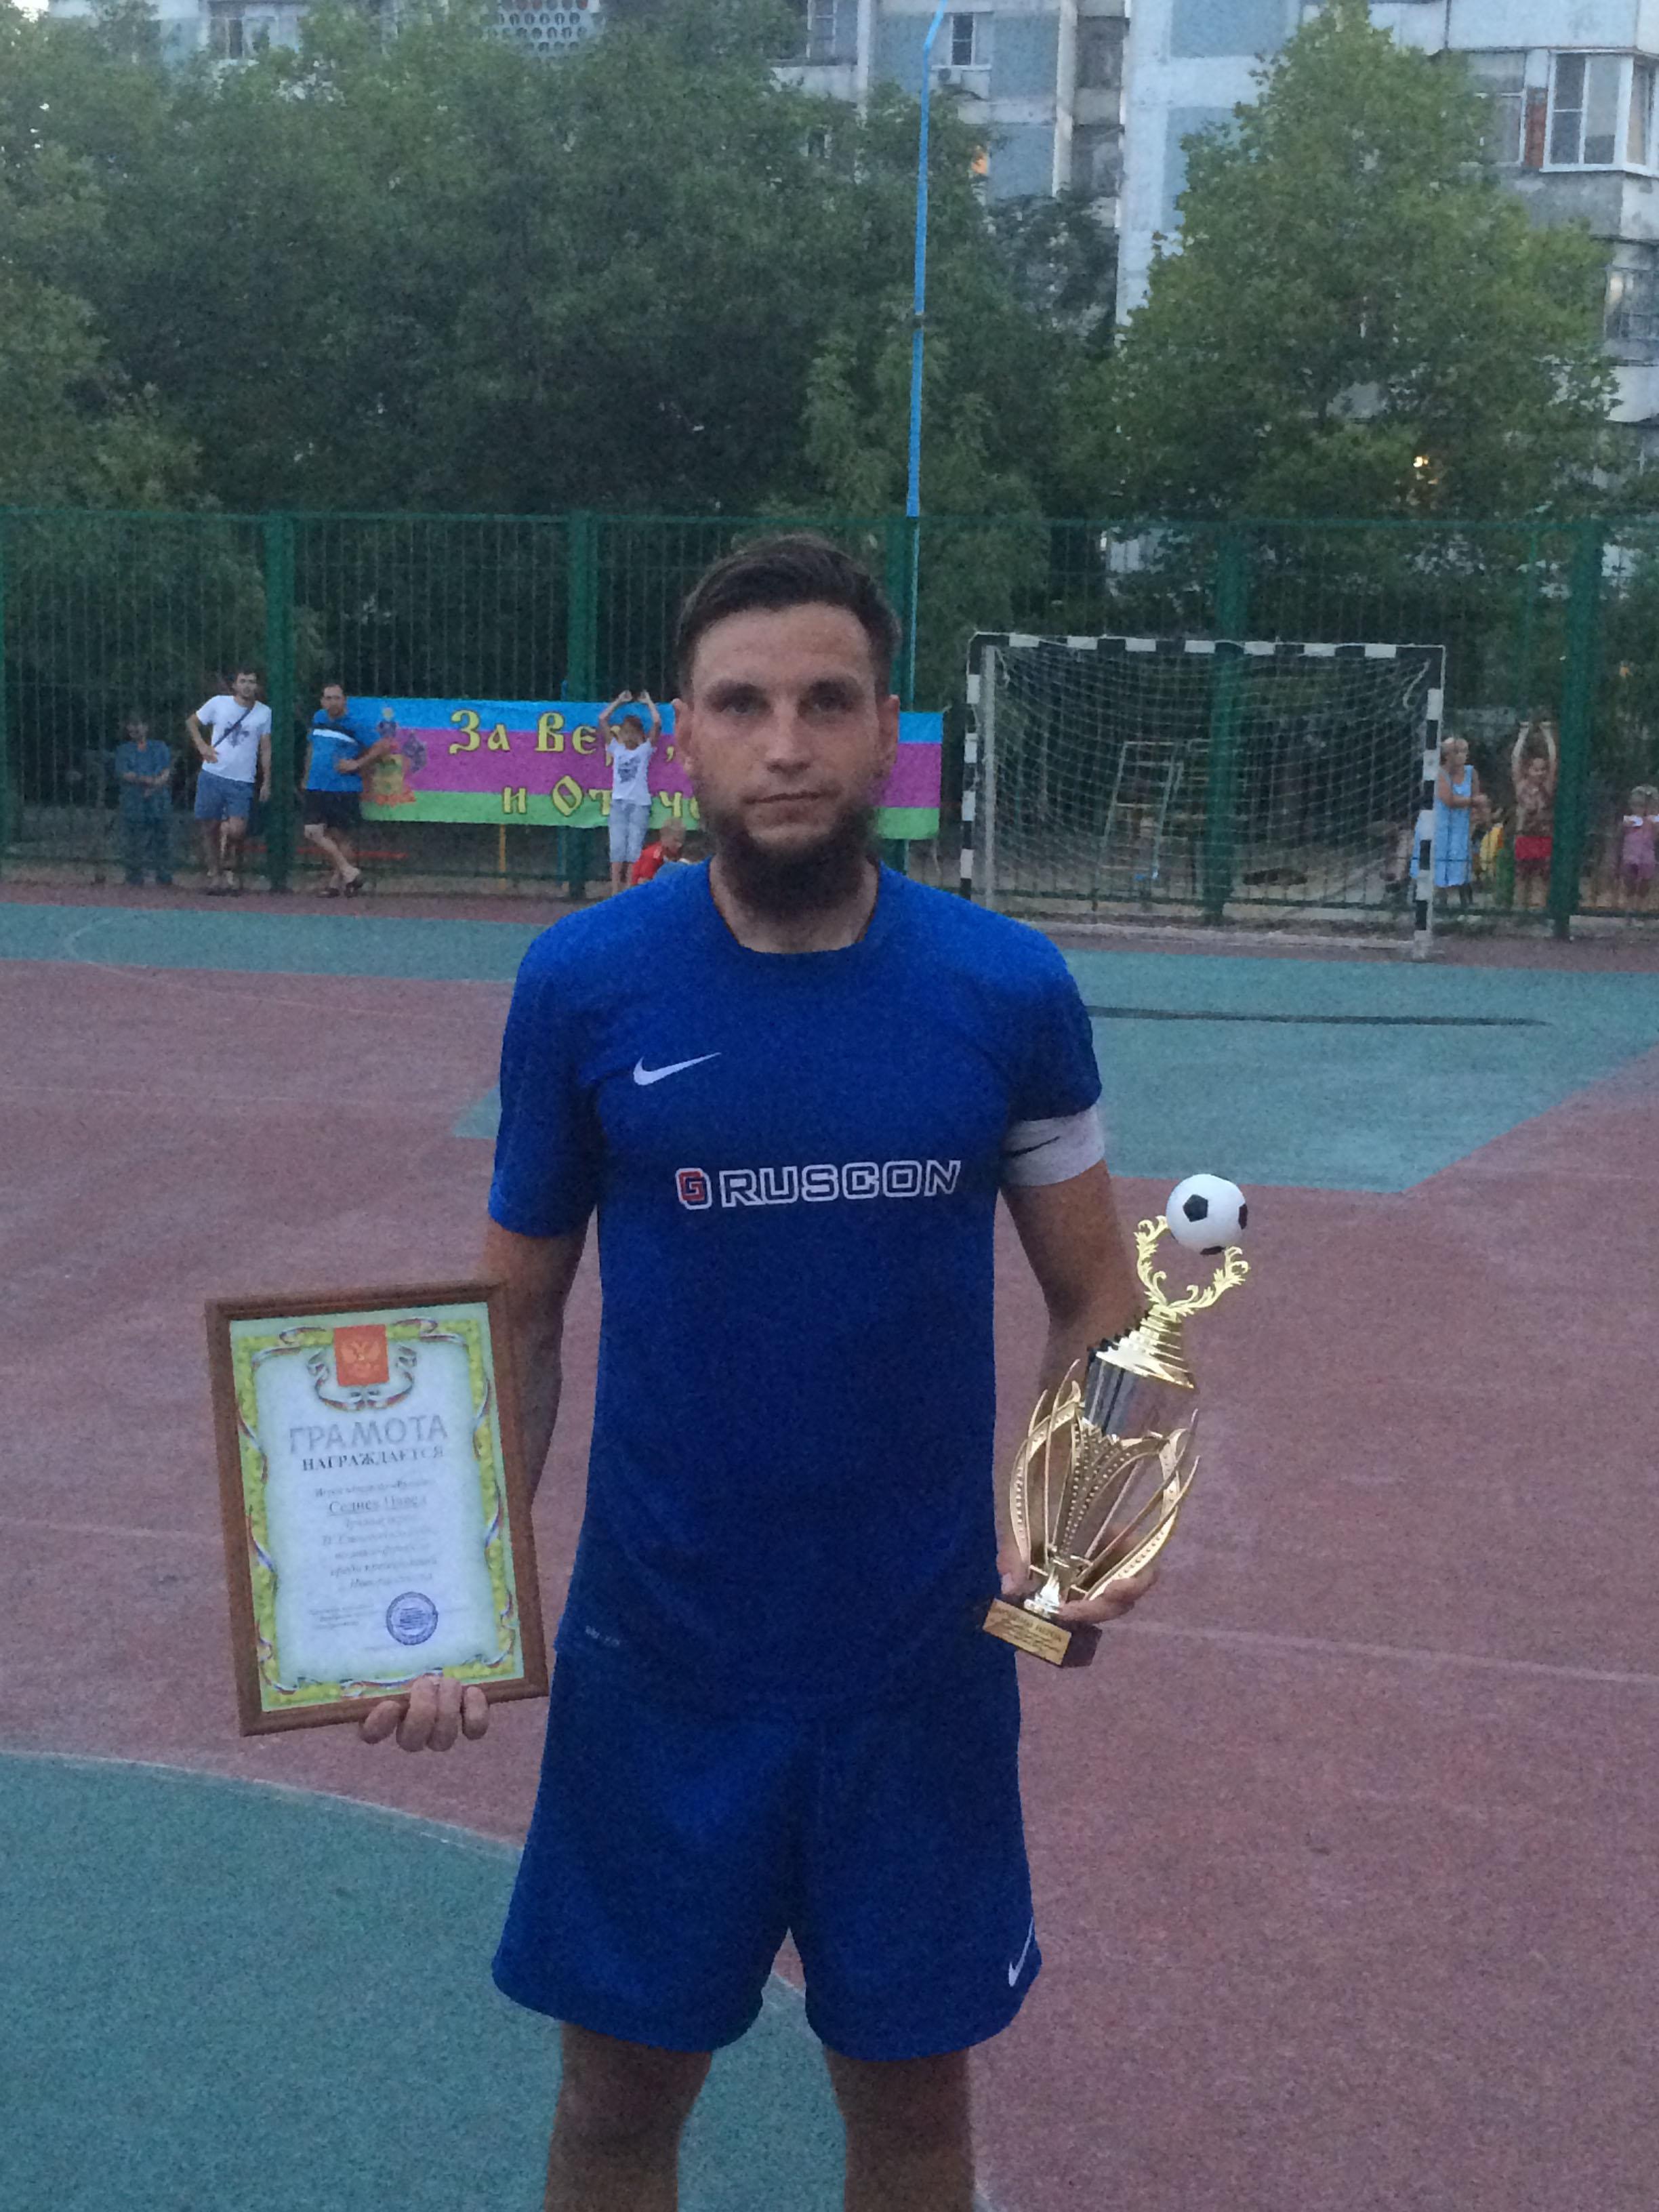 Лучший игрок Финала кубка г. Новороссийска по мини-футболу среди предприятий 2016